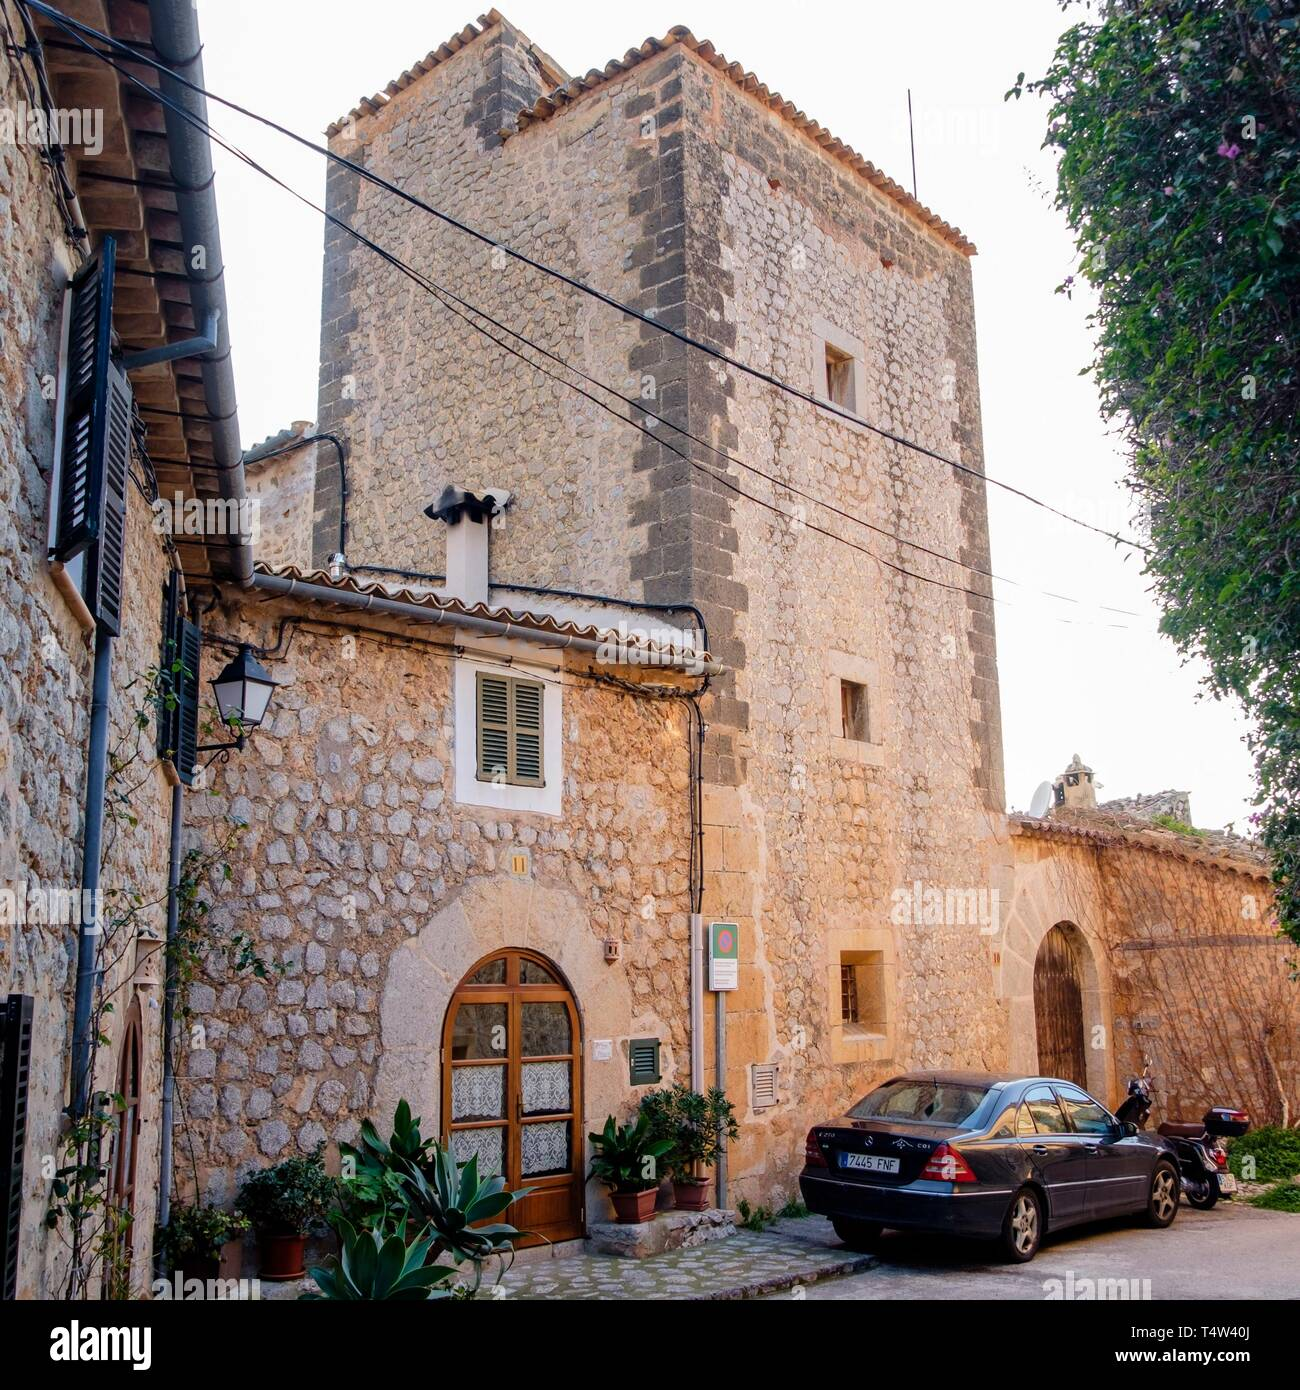 casa fortificada de Can Apol·loni, Llucalcari, Deià, comarca de la Sierra de Tramontana, Mallorca, balearic islands, Spain. - Stock Image